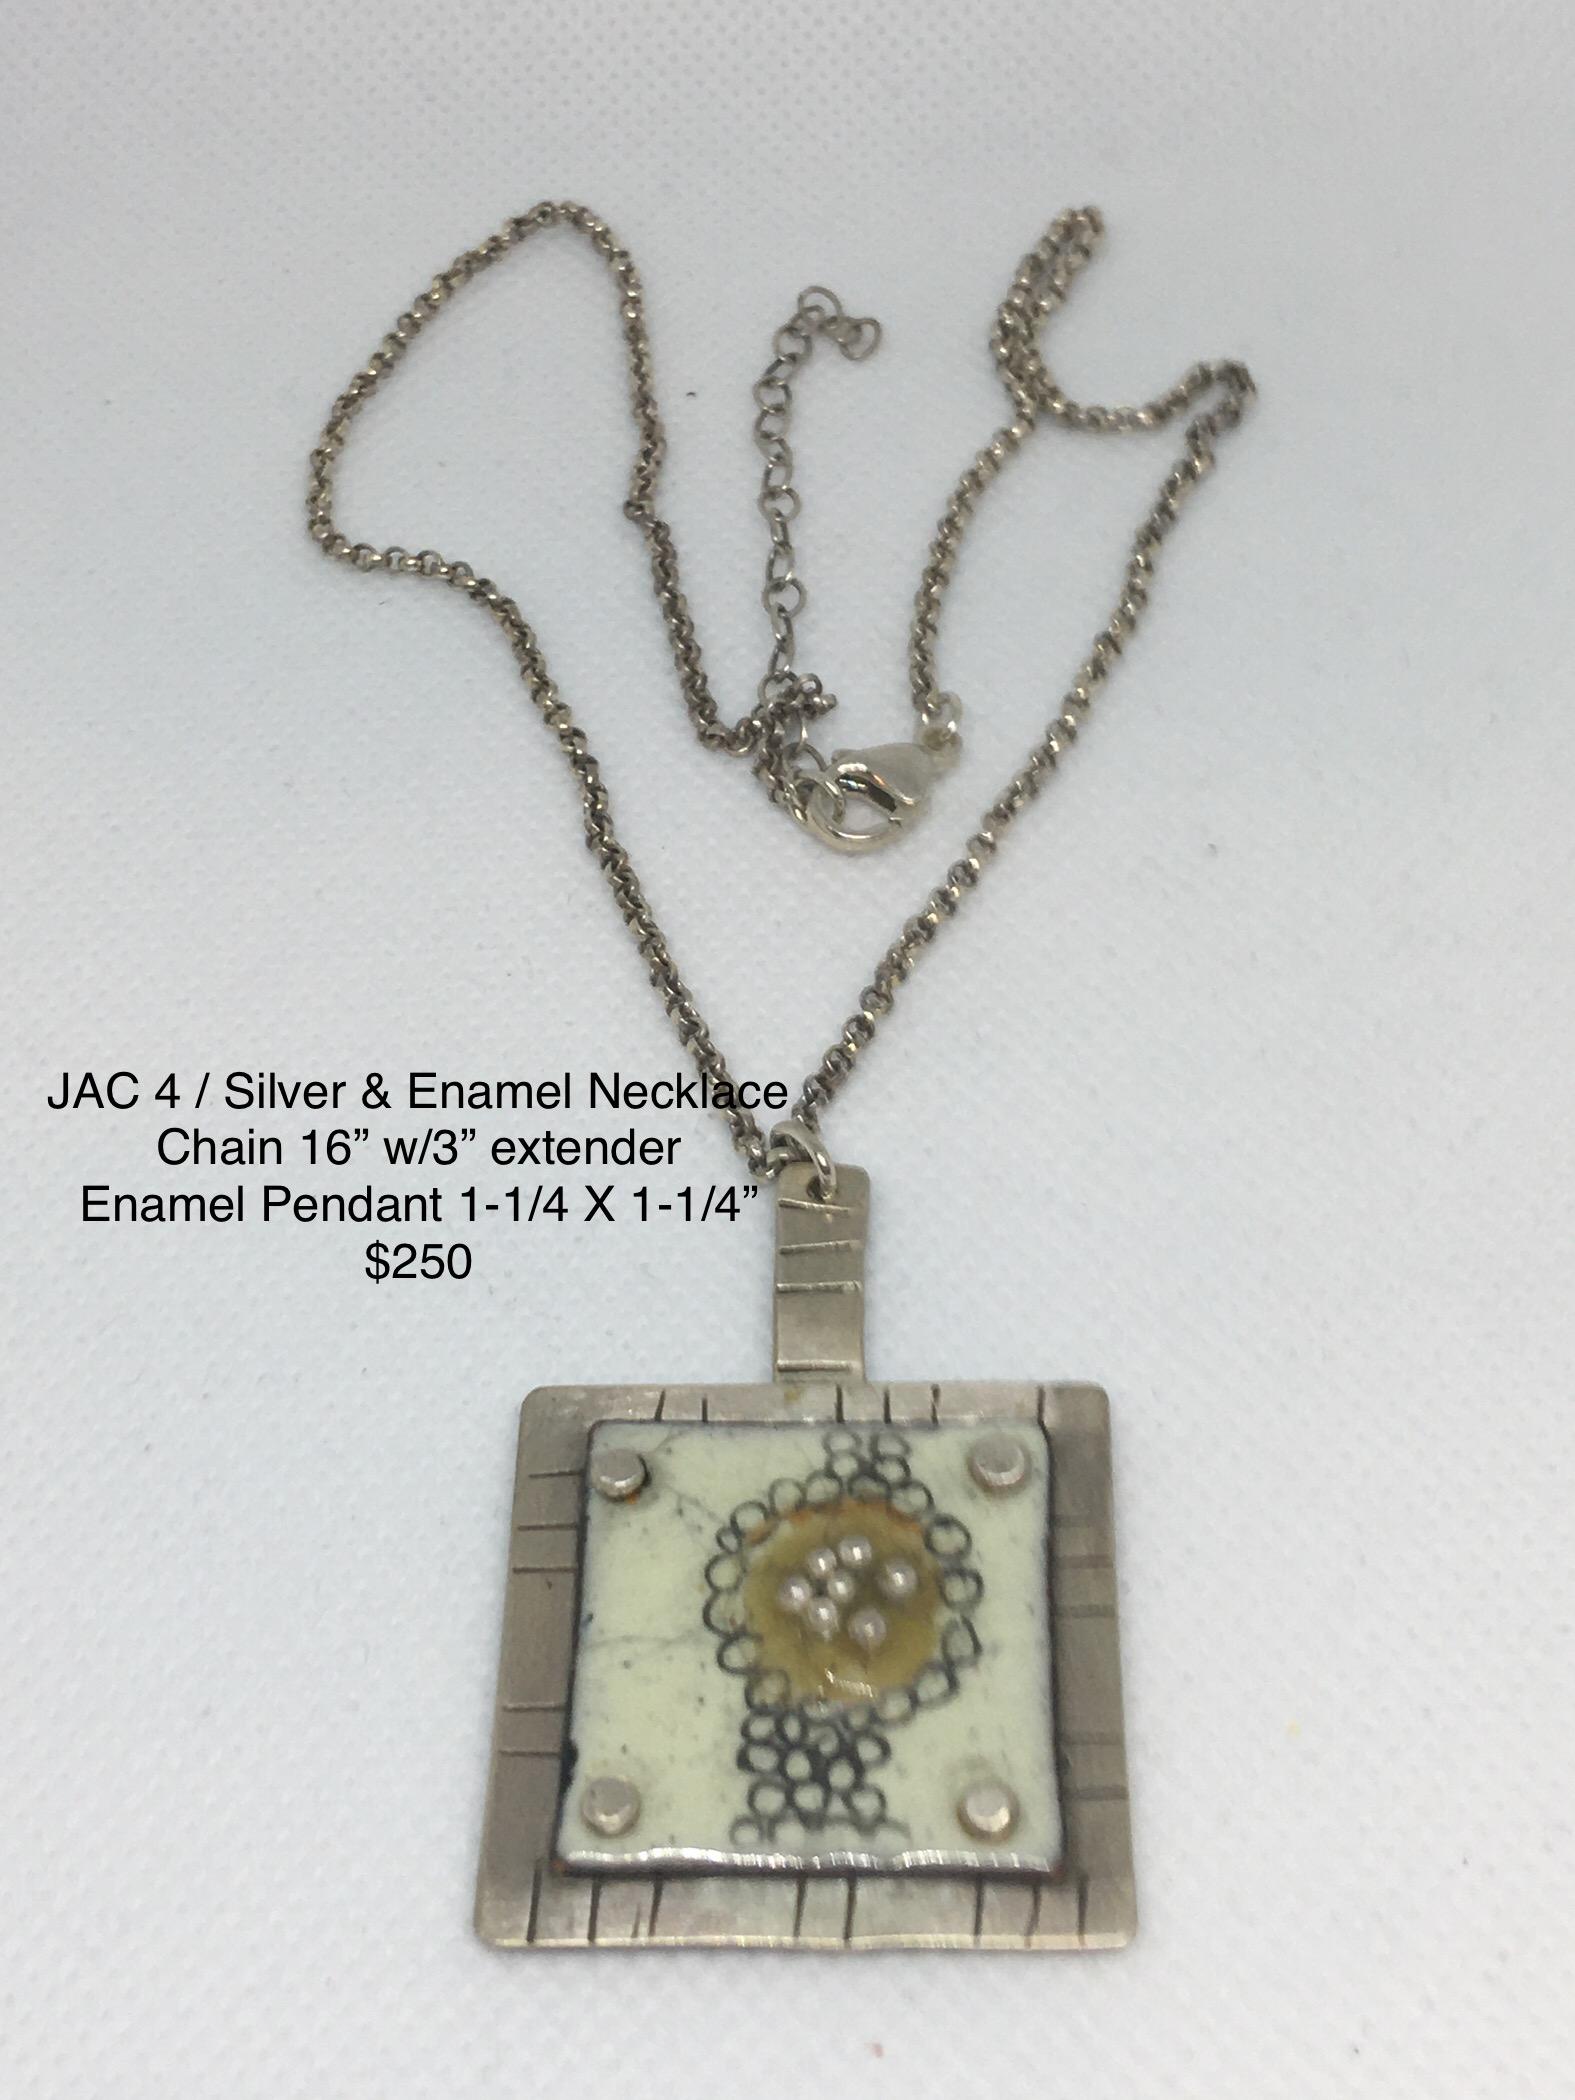 JAC#4-neck-silver-enamel-pendant-3146